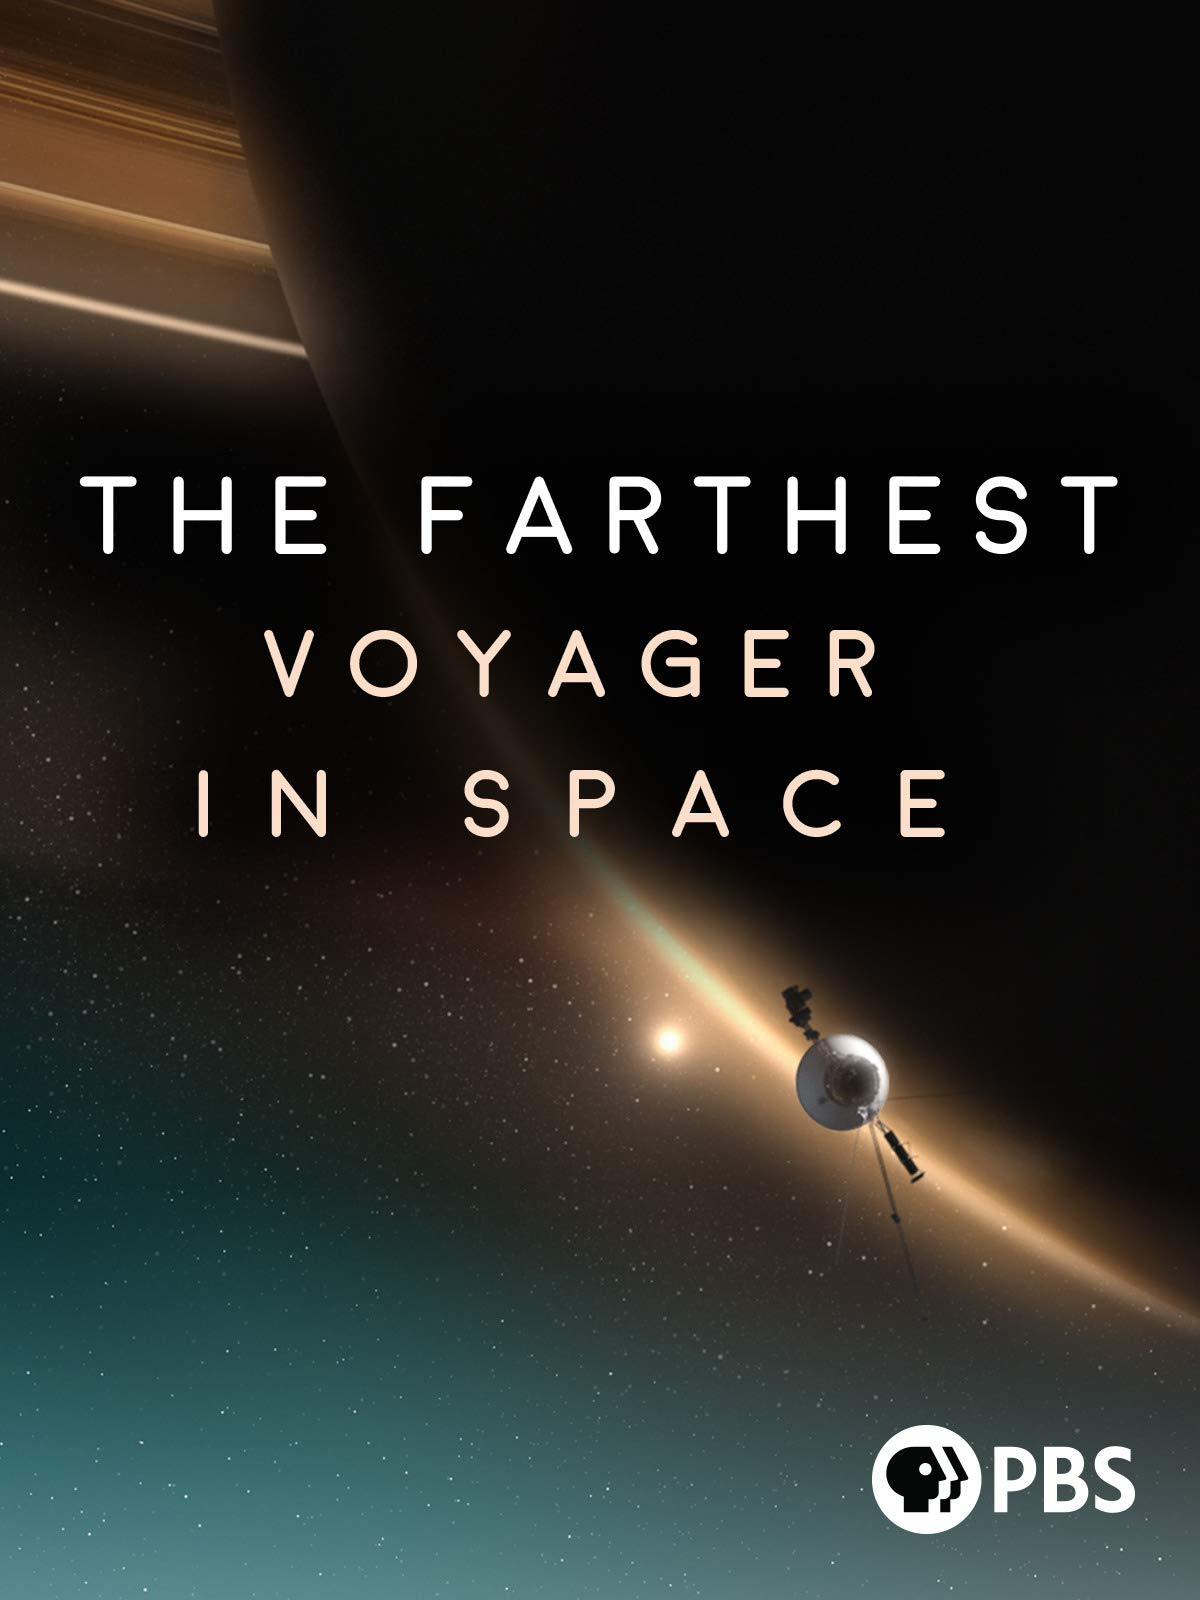 farthest voyager